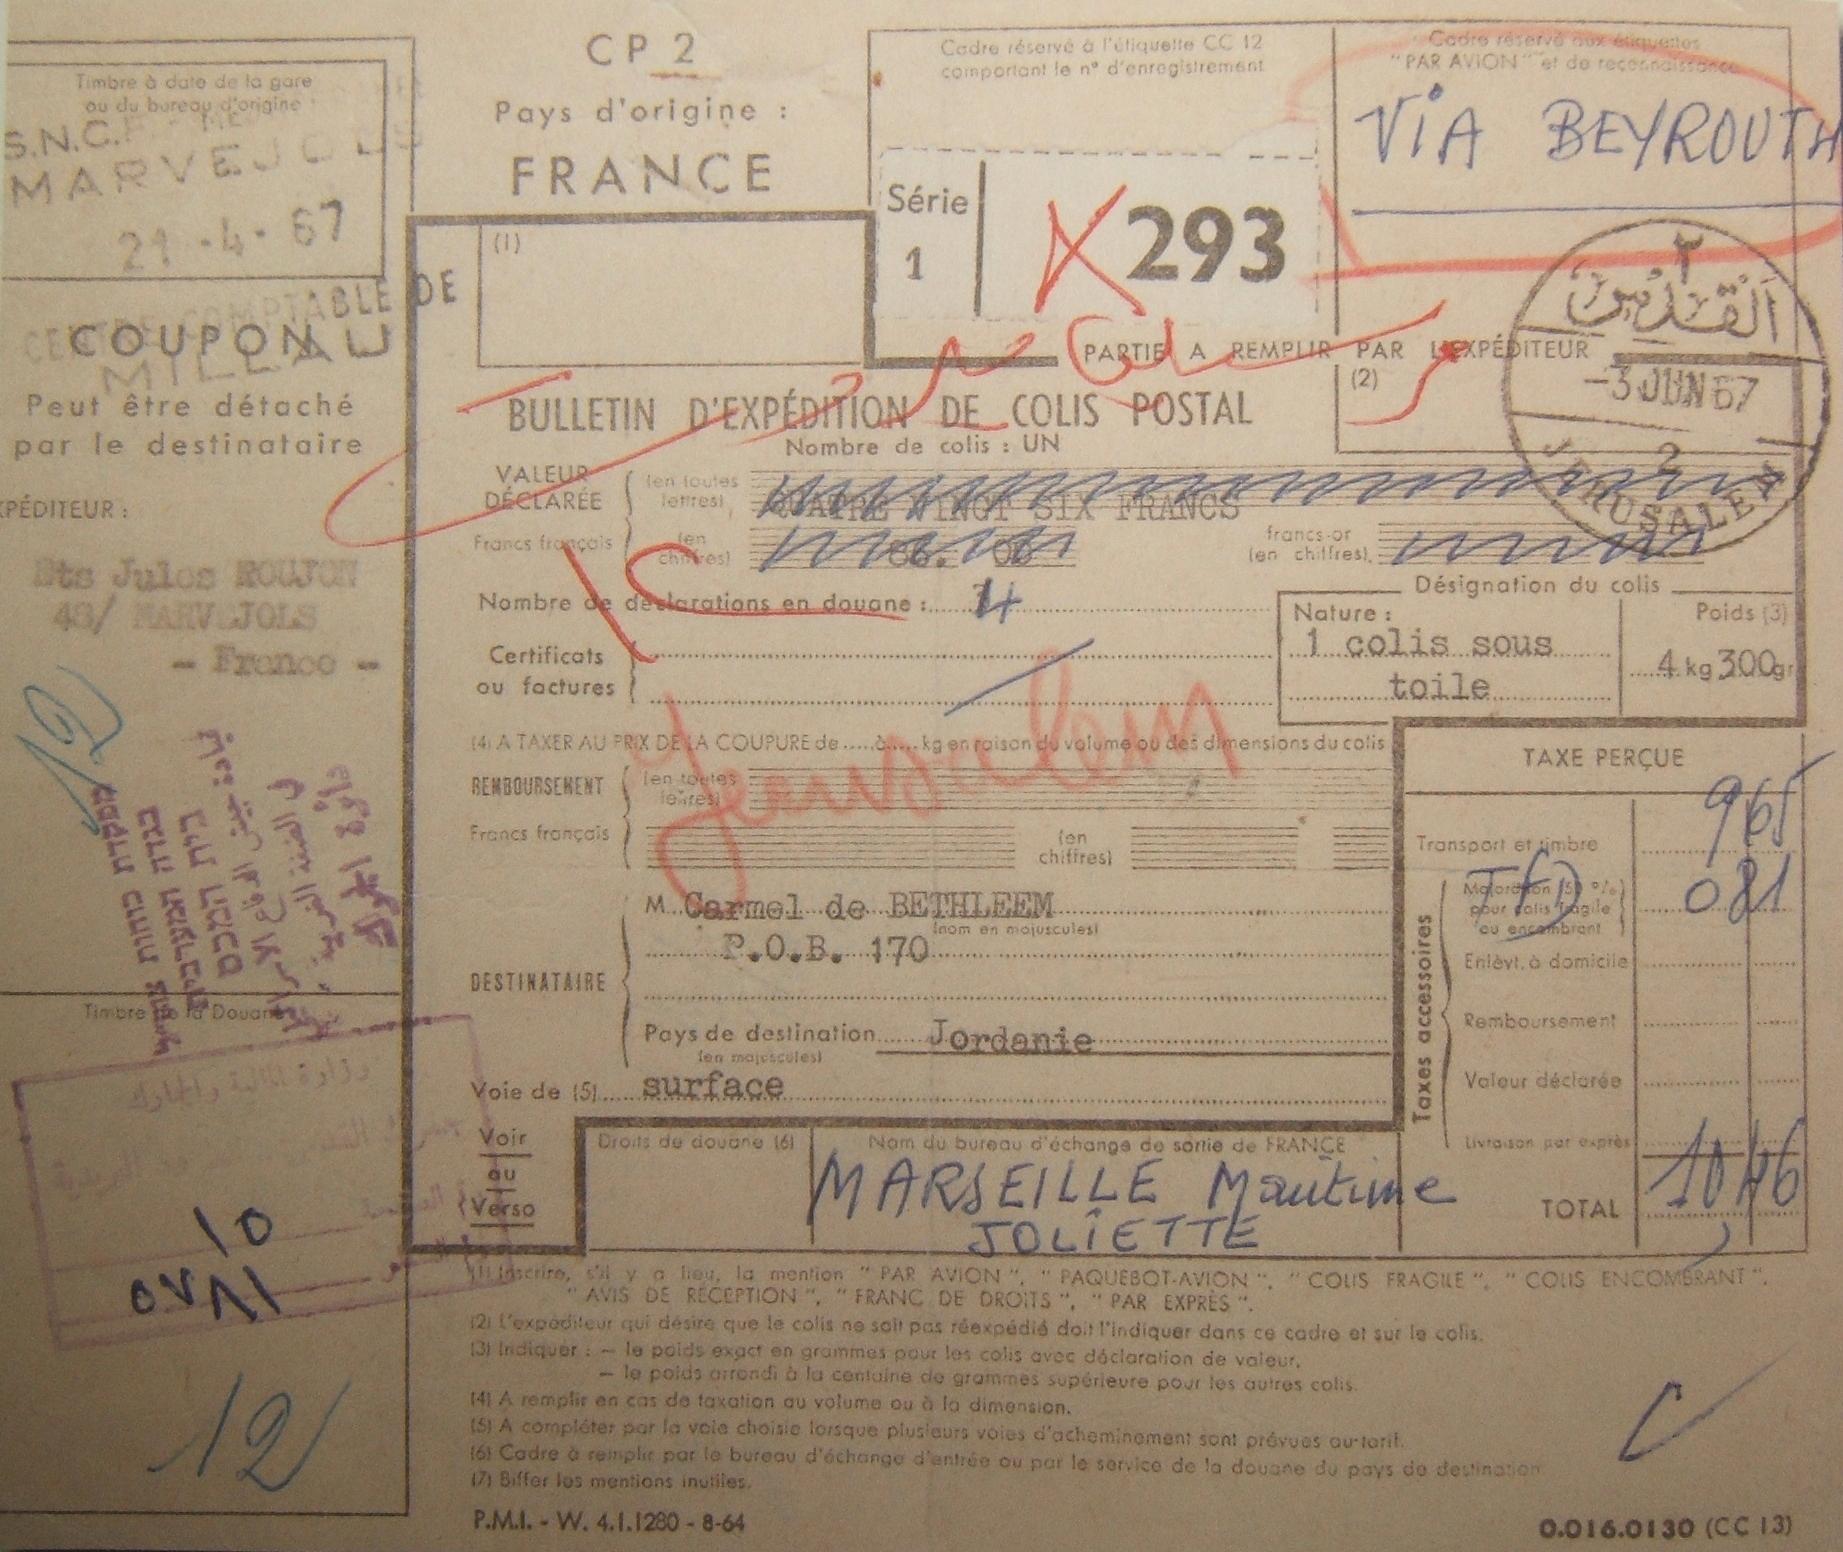 1967 War Israel-captured mail: 24-4-1967 surface-mailed parcel card ex MARSEILLE to BETHLEHEM Jordan, sent by rail at MARVEJOLS